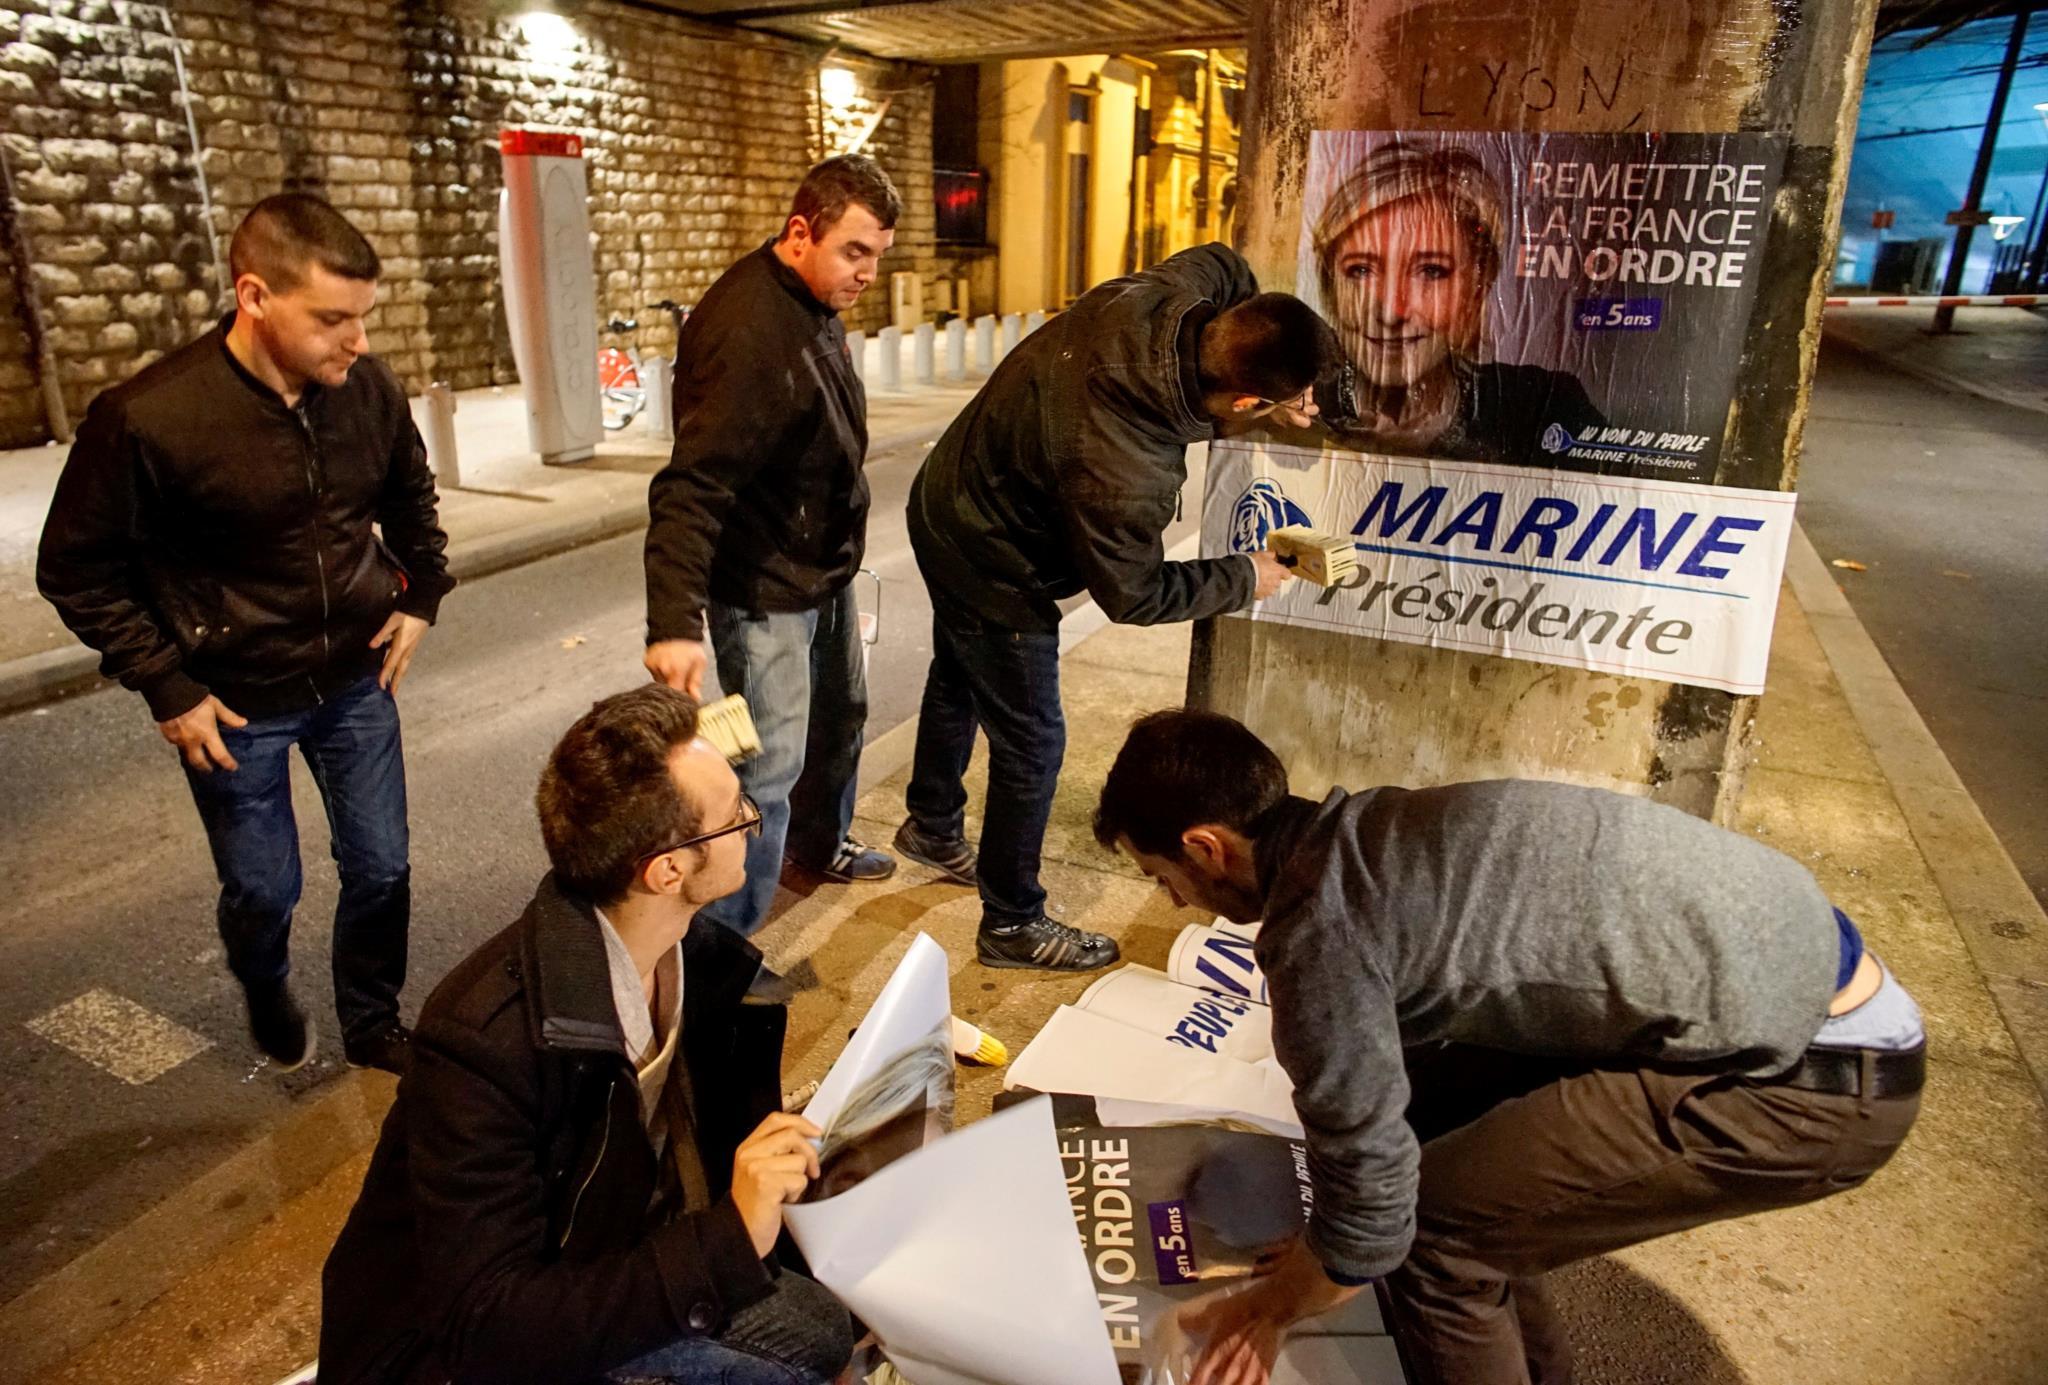 Jovens da Frente Nacional colando cartazes em Lyon